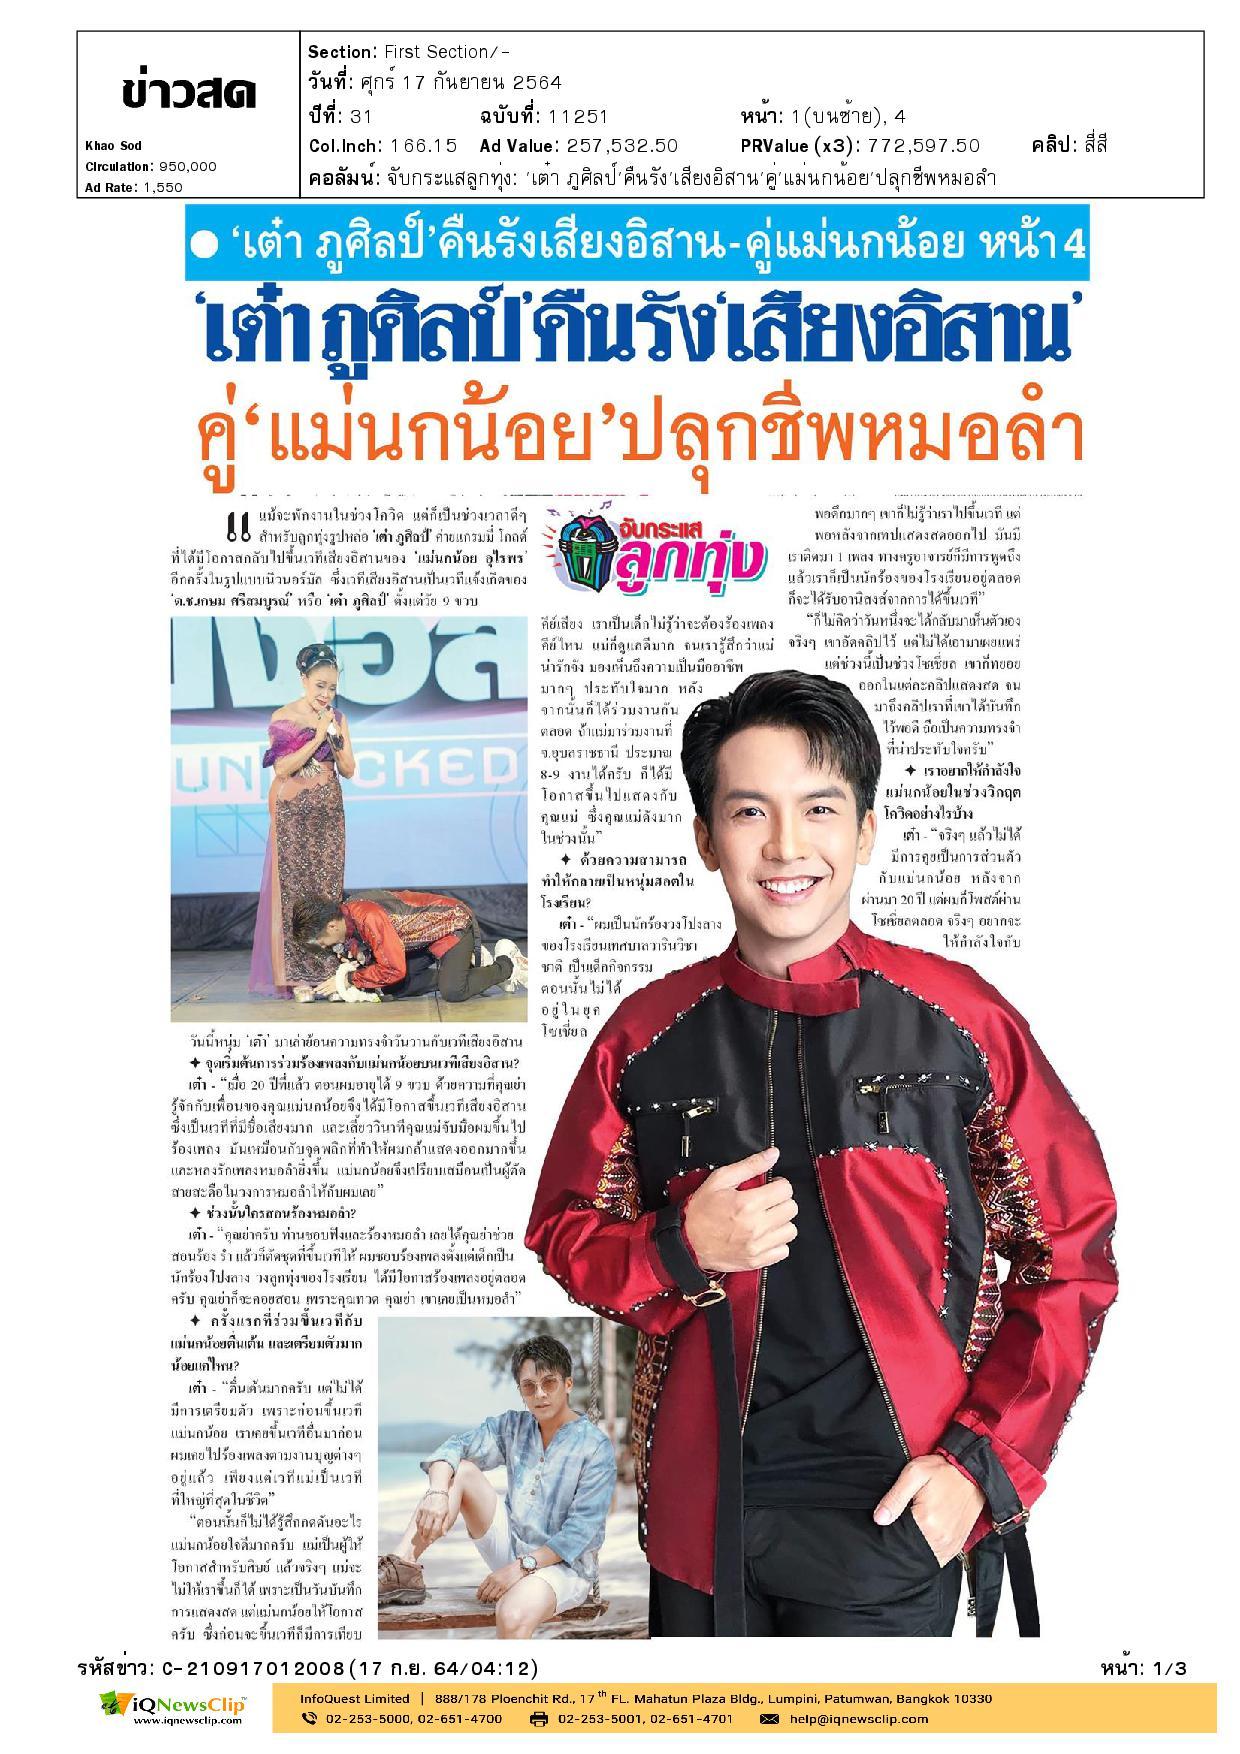 เต๋า ภูศิลป์ บริจาคเงินให้สภากาชาดไทยในช่วงวิกฤติโรคโควิด-19 ระบาด